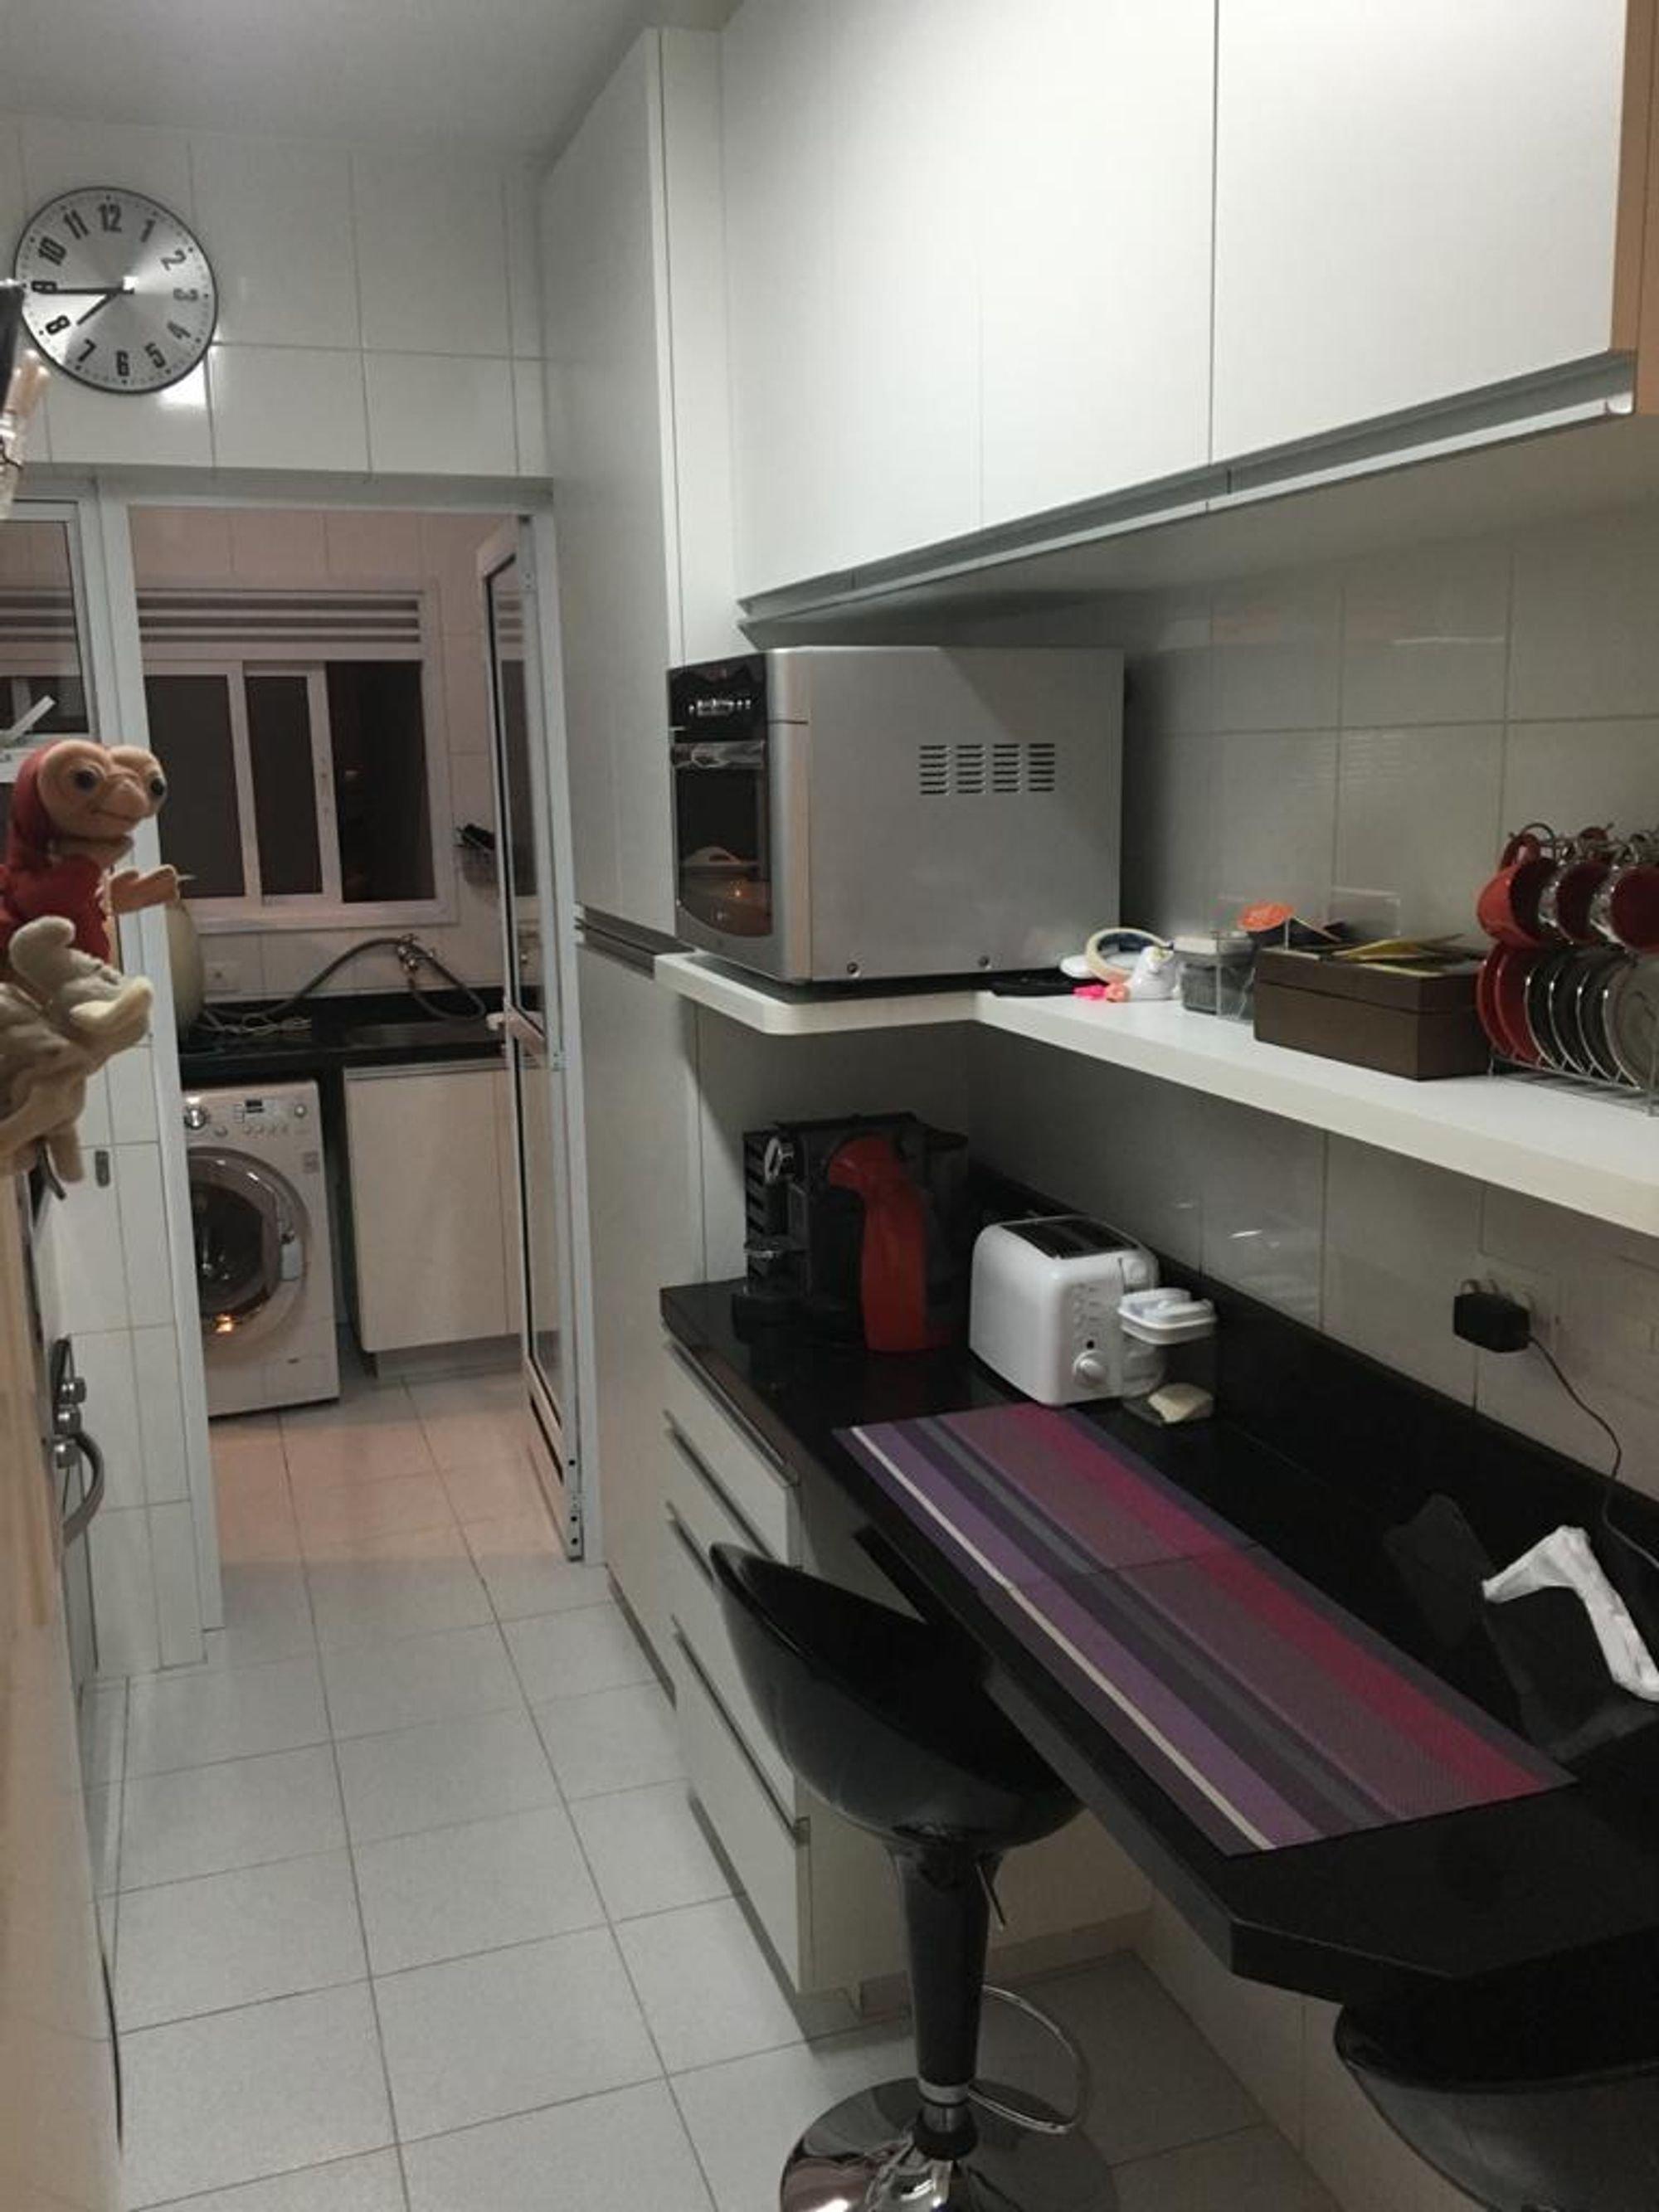 Foto de Cozinha com cadeira, microondas, relógio